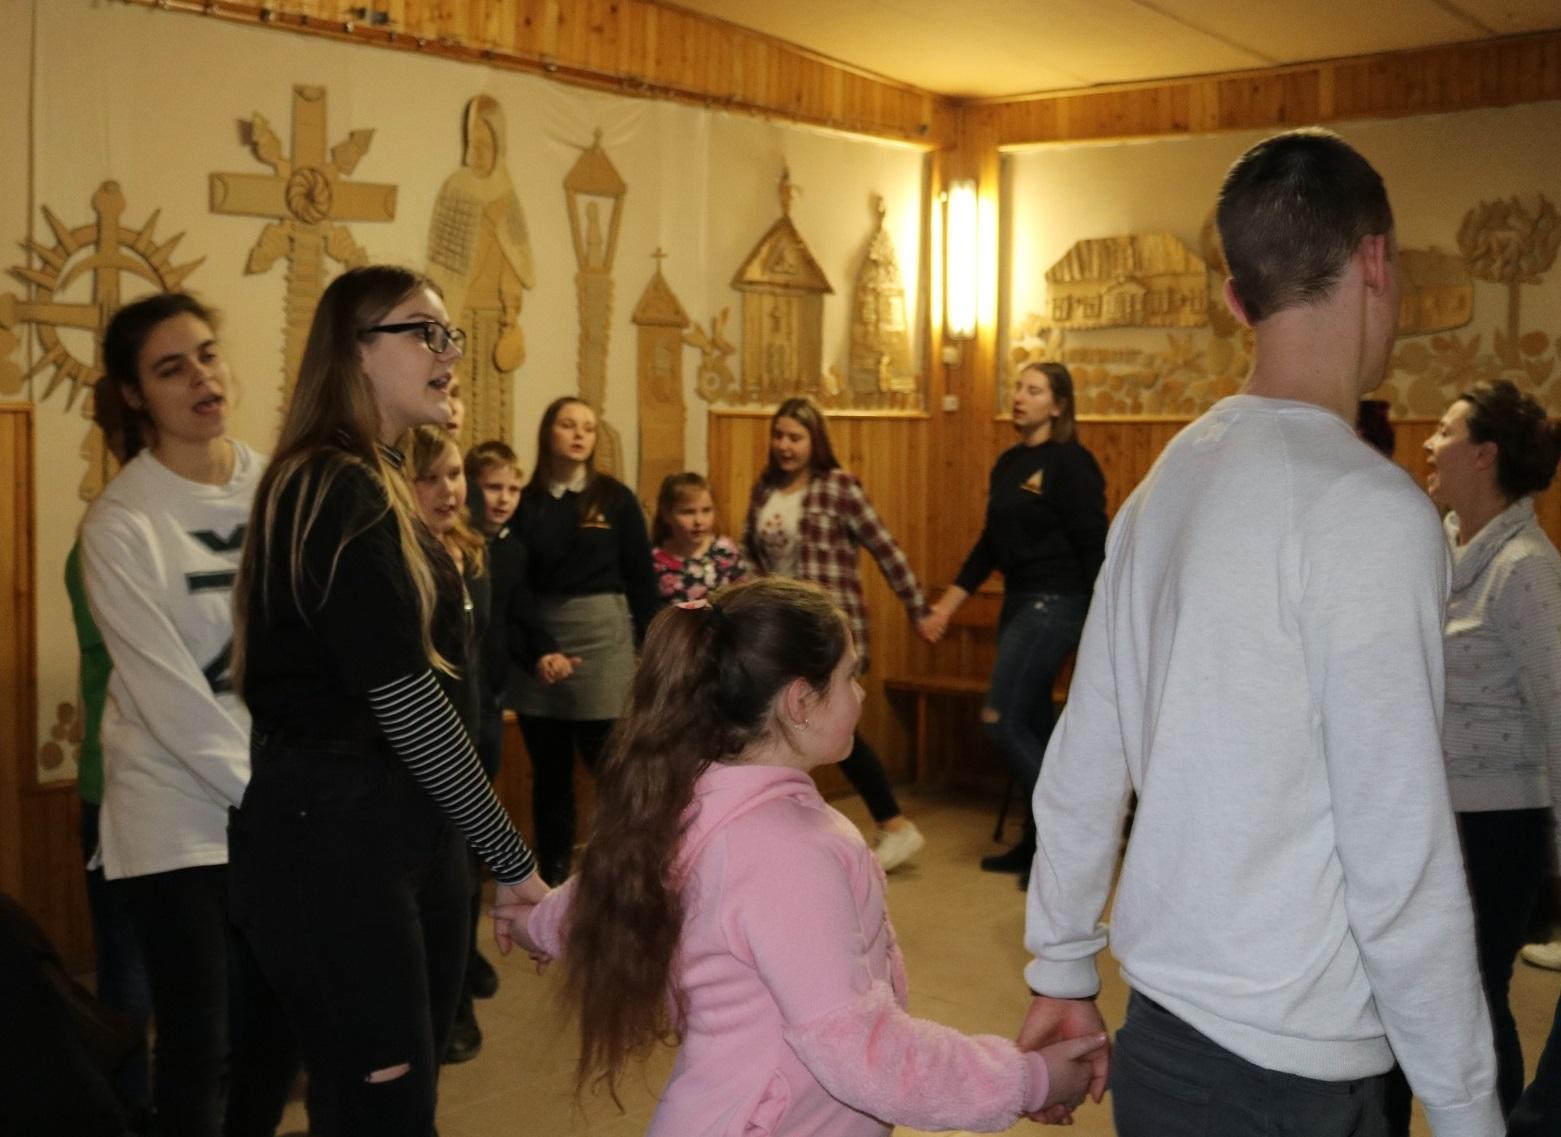 Vaikų dienos centro atidarymo ceremonijoje mažiesiems gudžiūniškiams netrūko smagių veiklų. / Organizatorių nuotr.